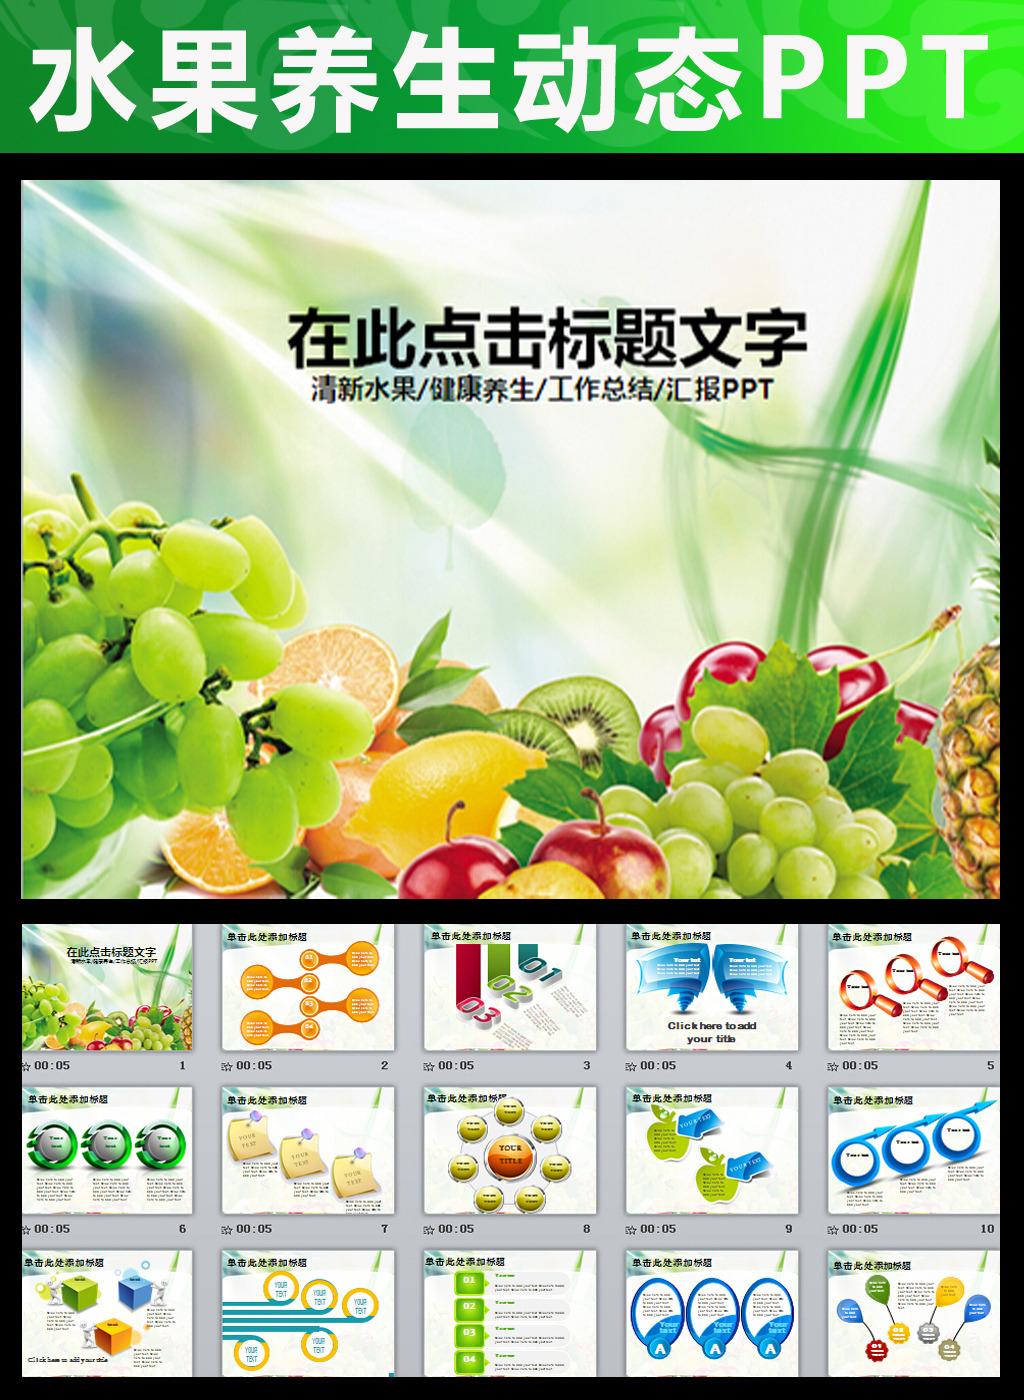 养生水果蔬菜健康动态ppt模板